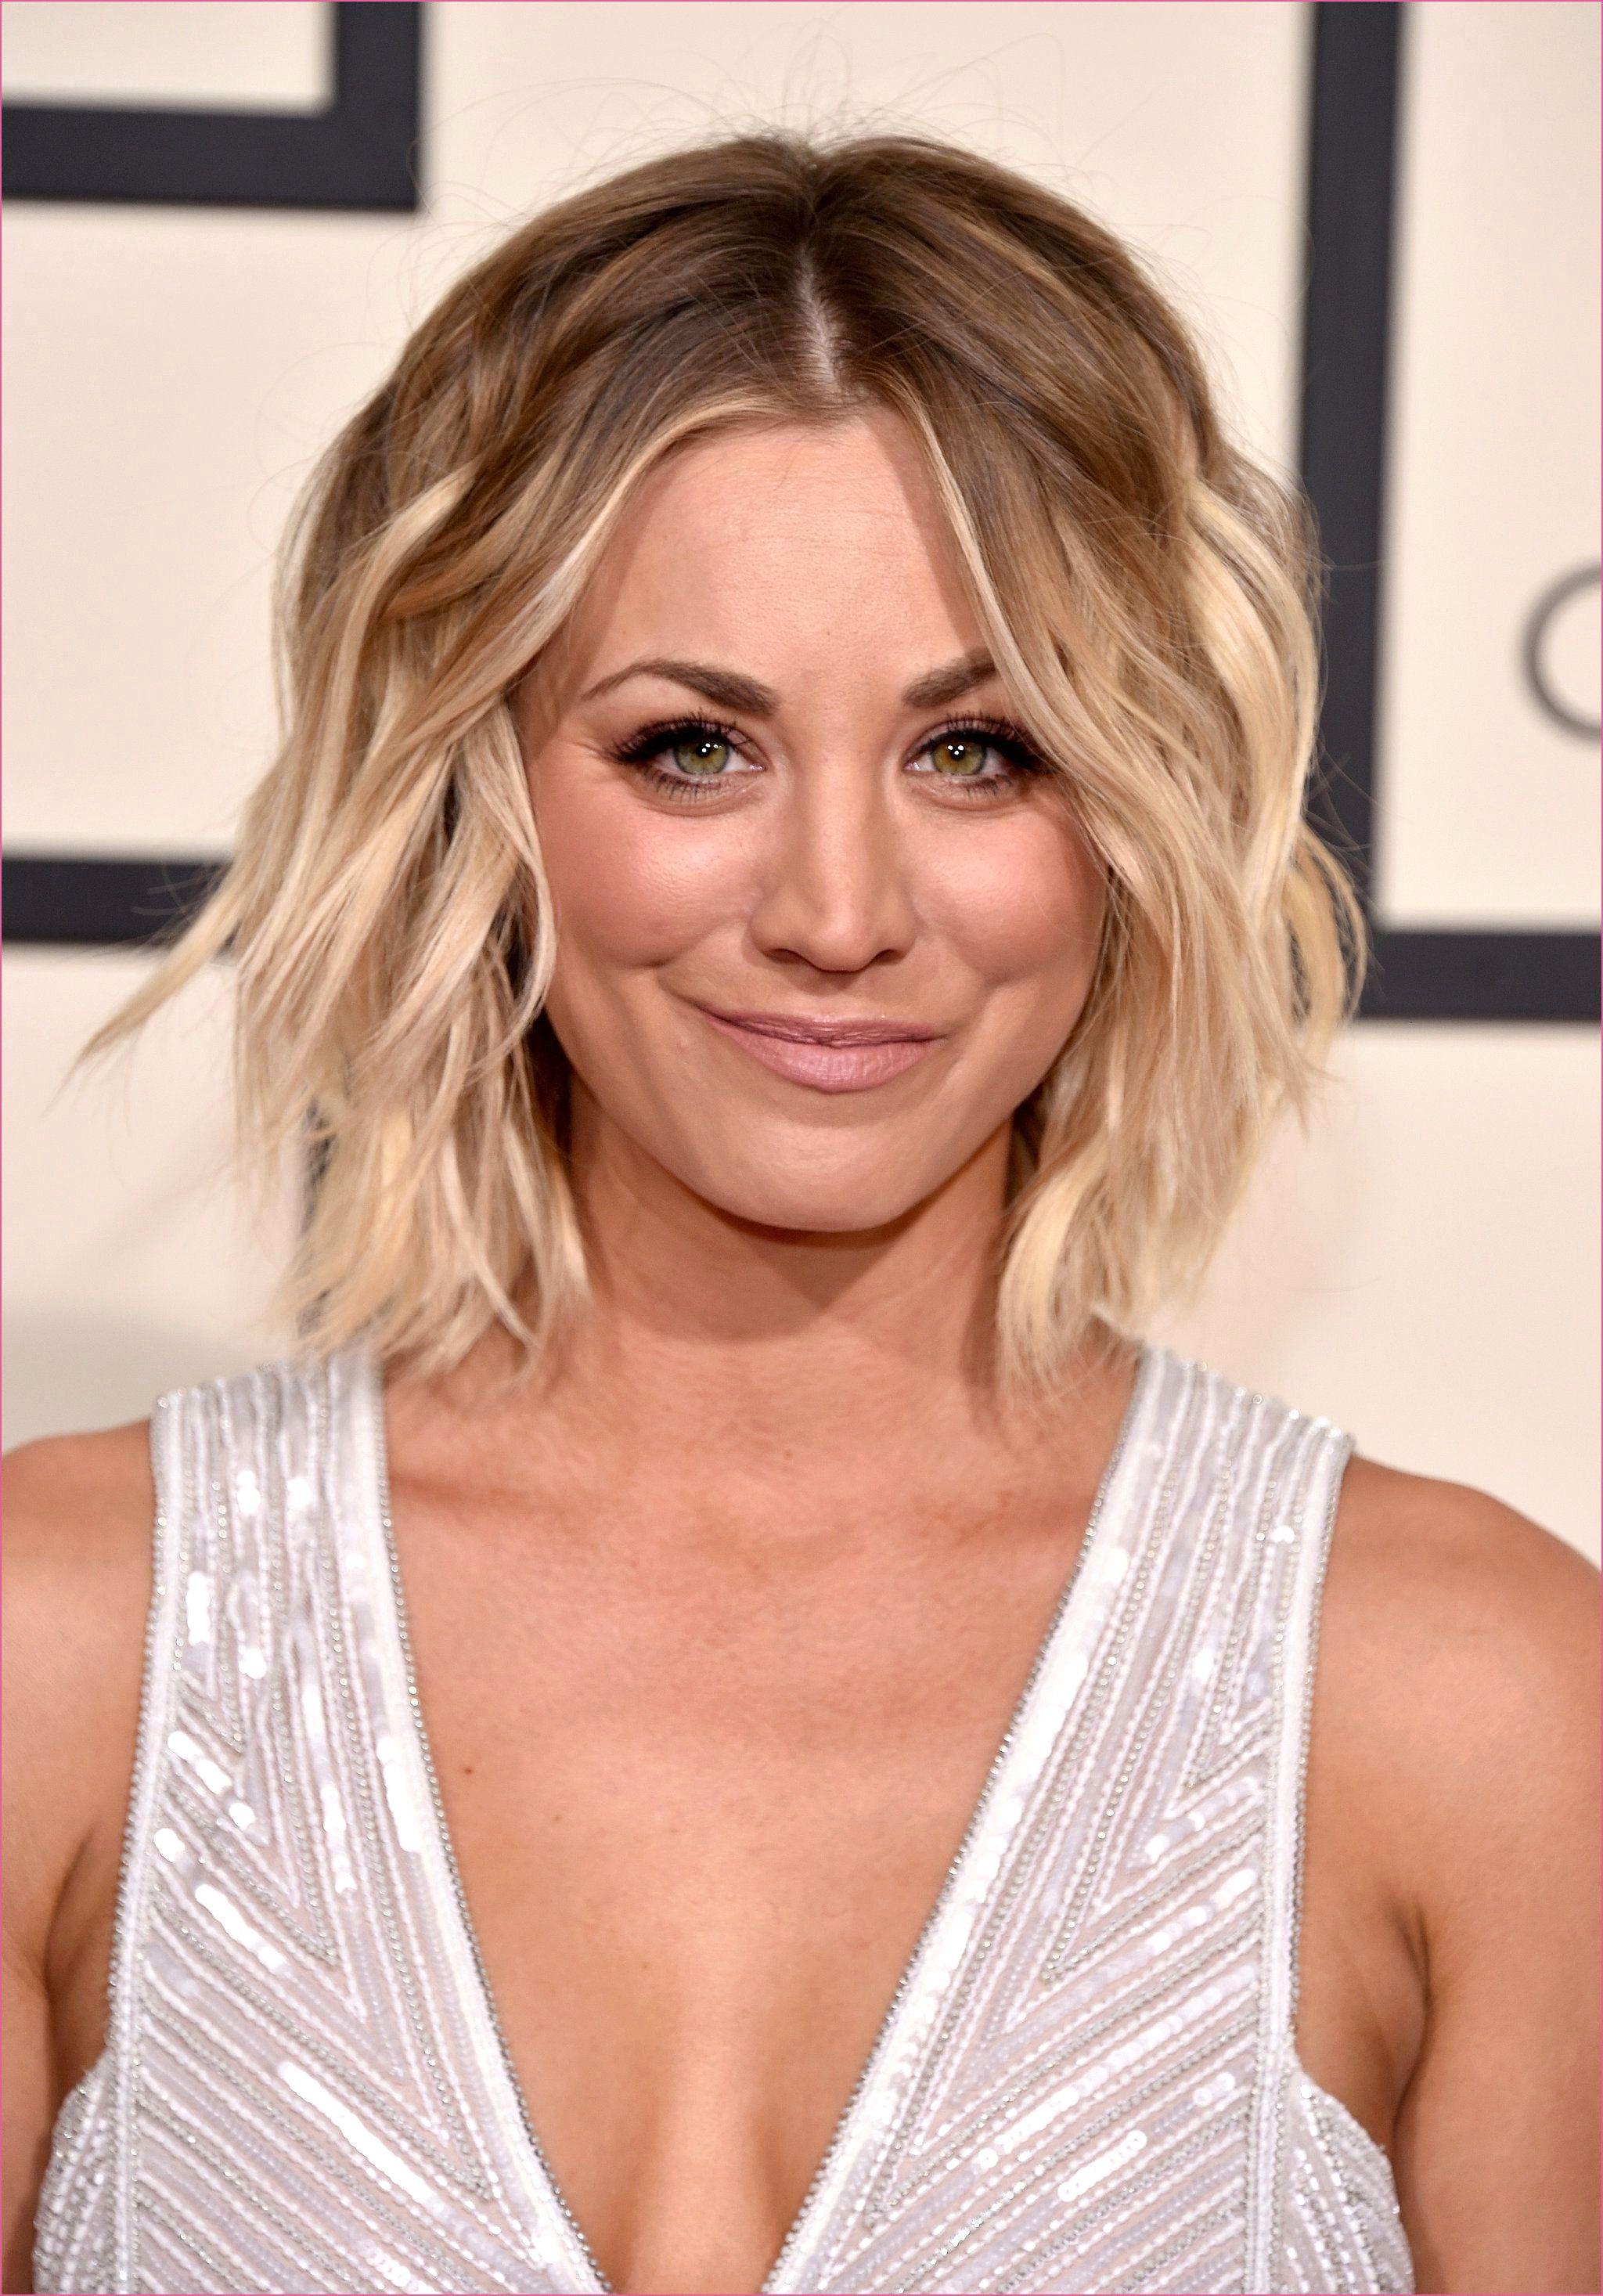 Genial Frisuren Herbst 2020 Mittellanges Haar Rundes Gesicht Frisuren Mittellanges Haar Rundes Gesicht Frisuren Kurze Haare Hochstecken